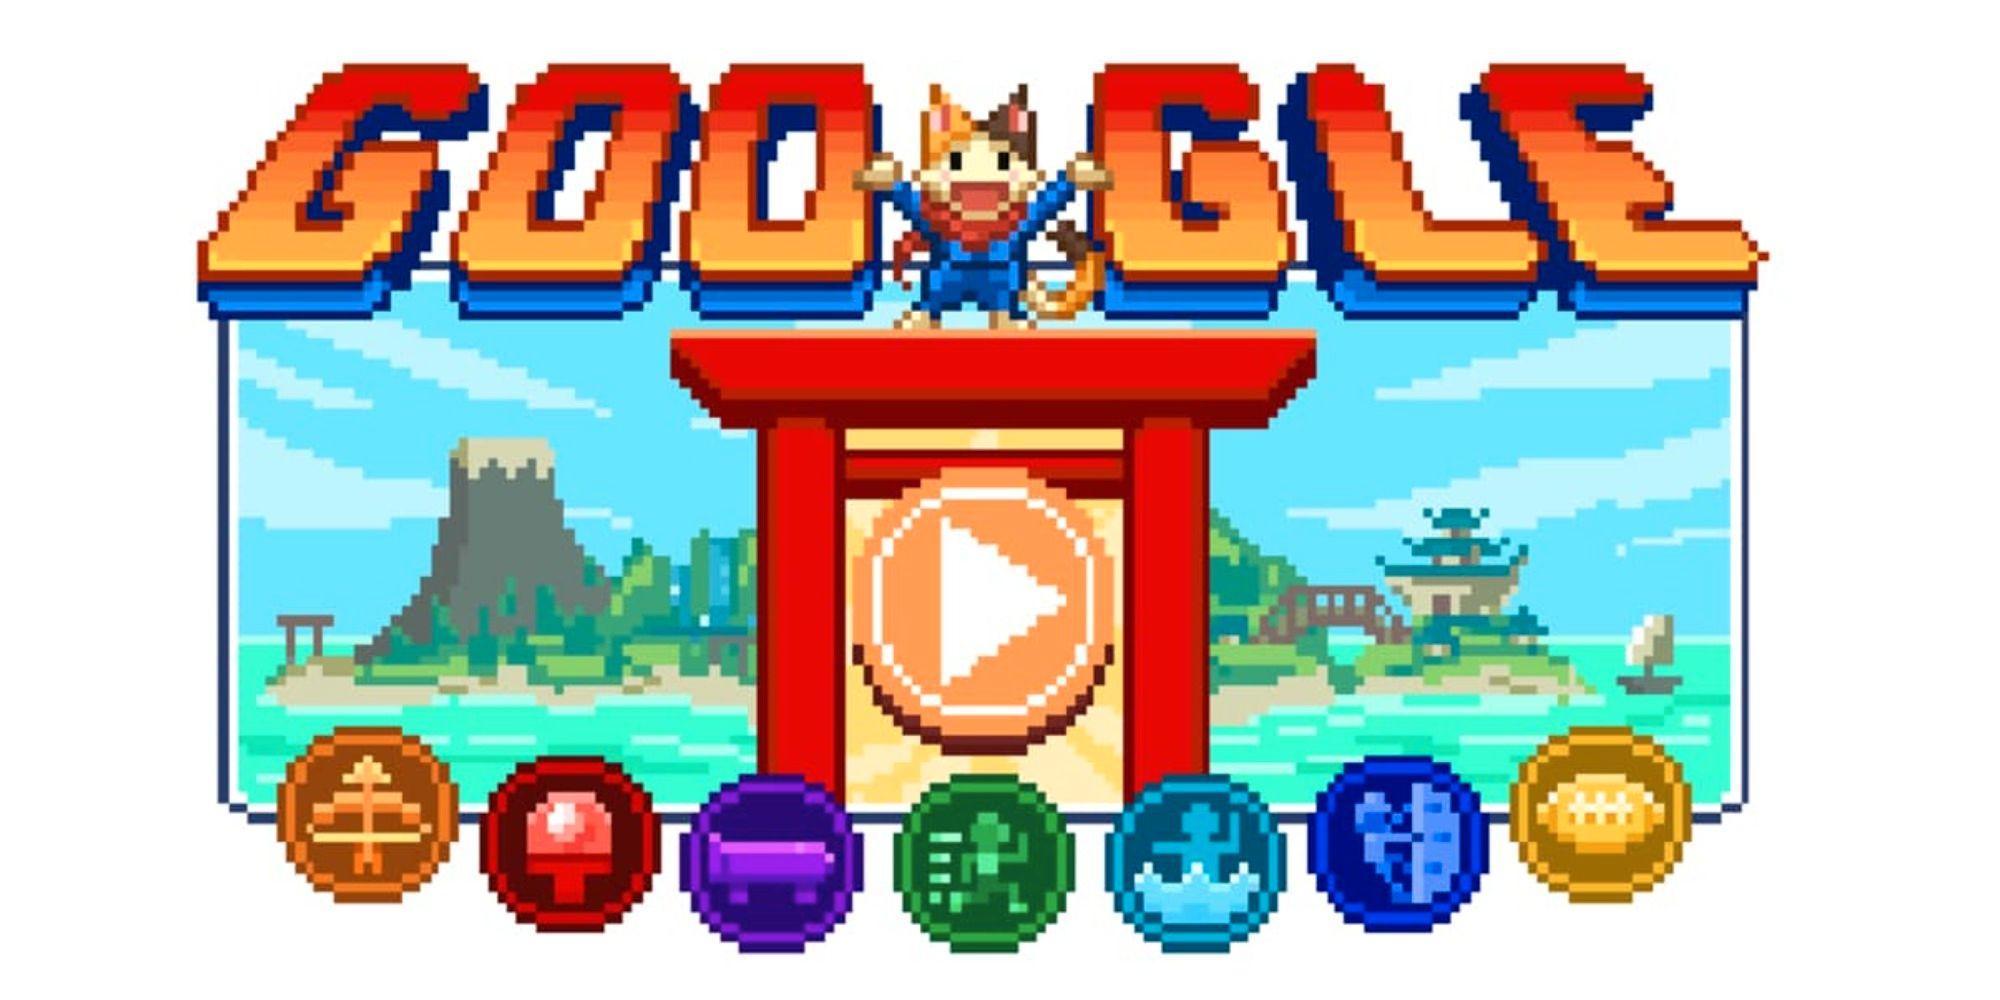 Juegos de campeones de Google Doodle Island: cómo ganar todos los eventos